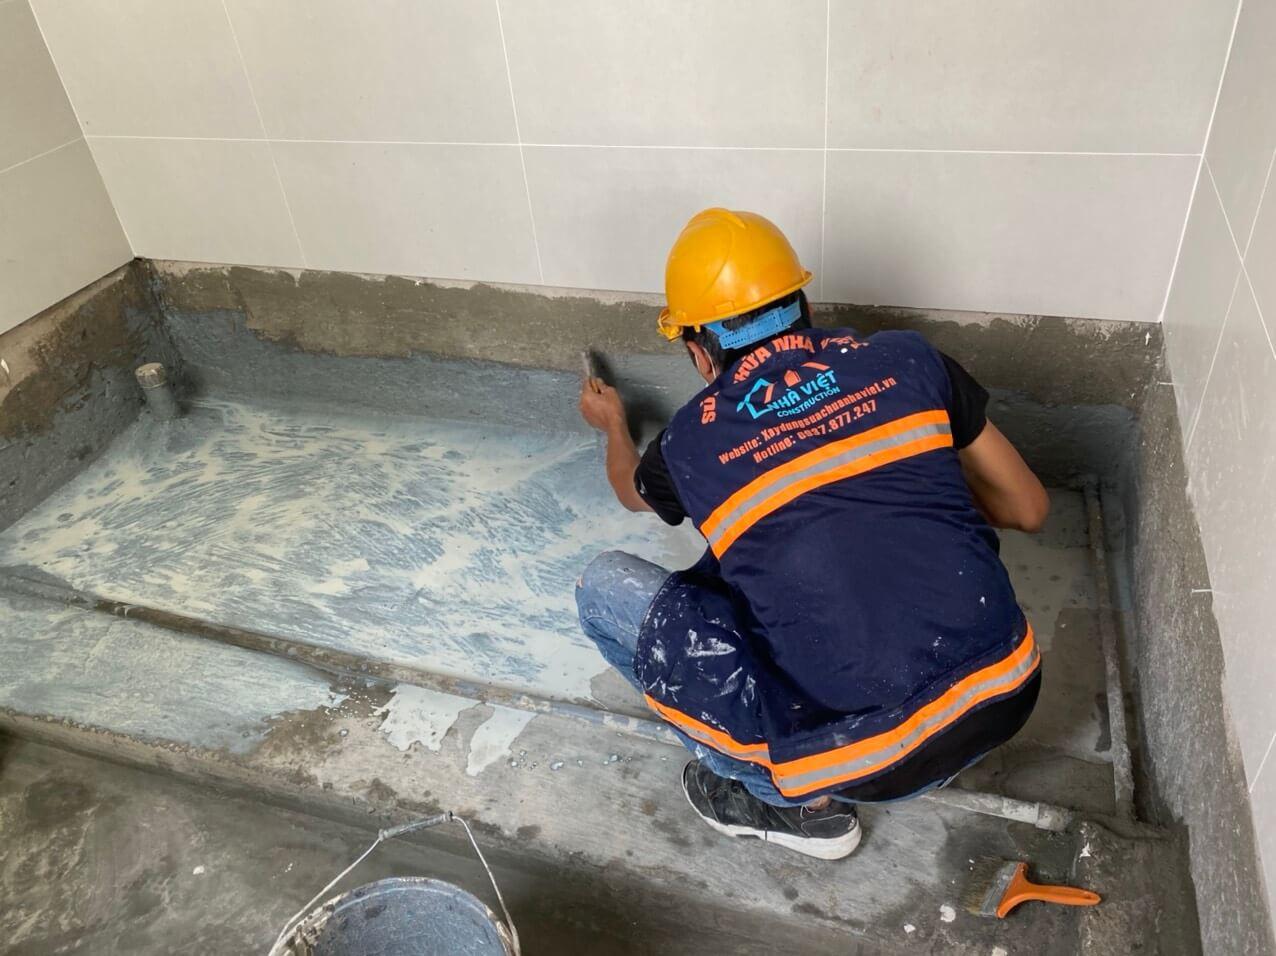 chong tham nha ve sinh chung cu 13 - Chống thấm nhà vệ sinh chung cư uy tín nhất Hồ Chí Minh